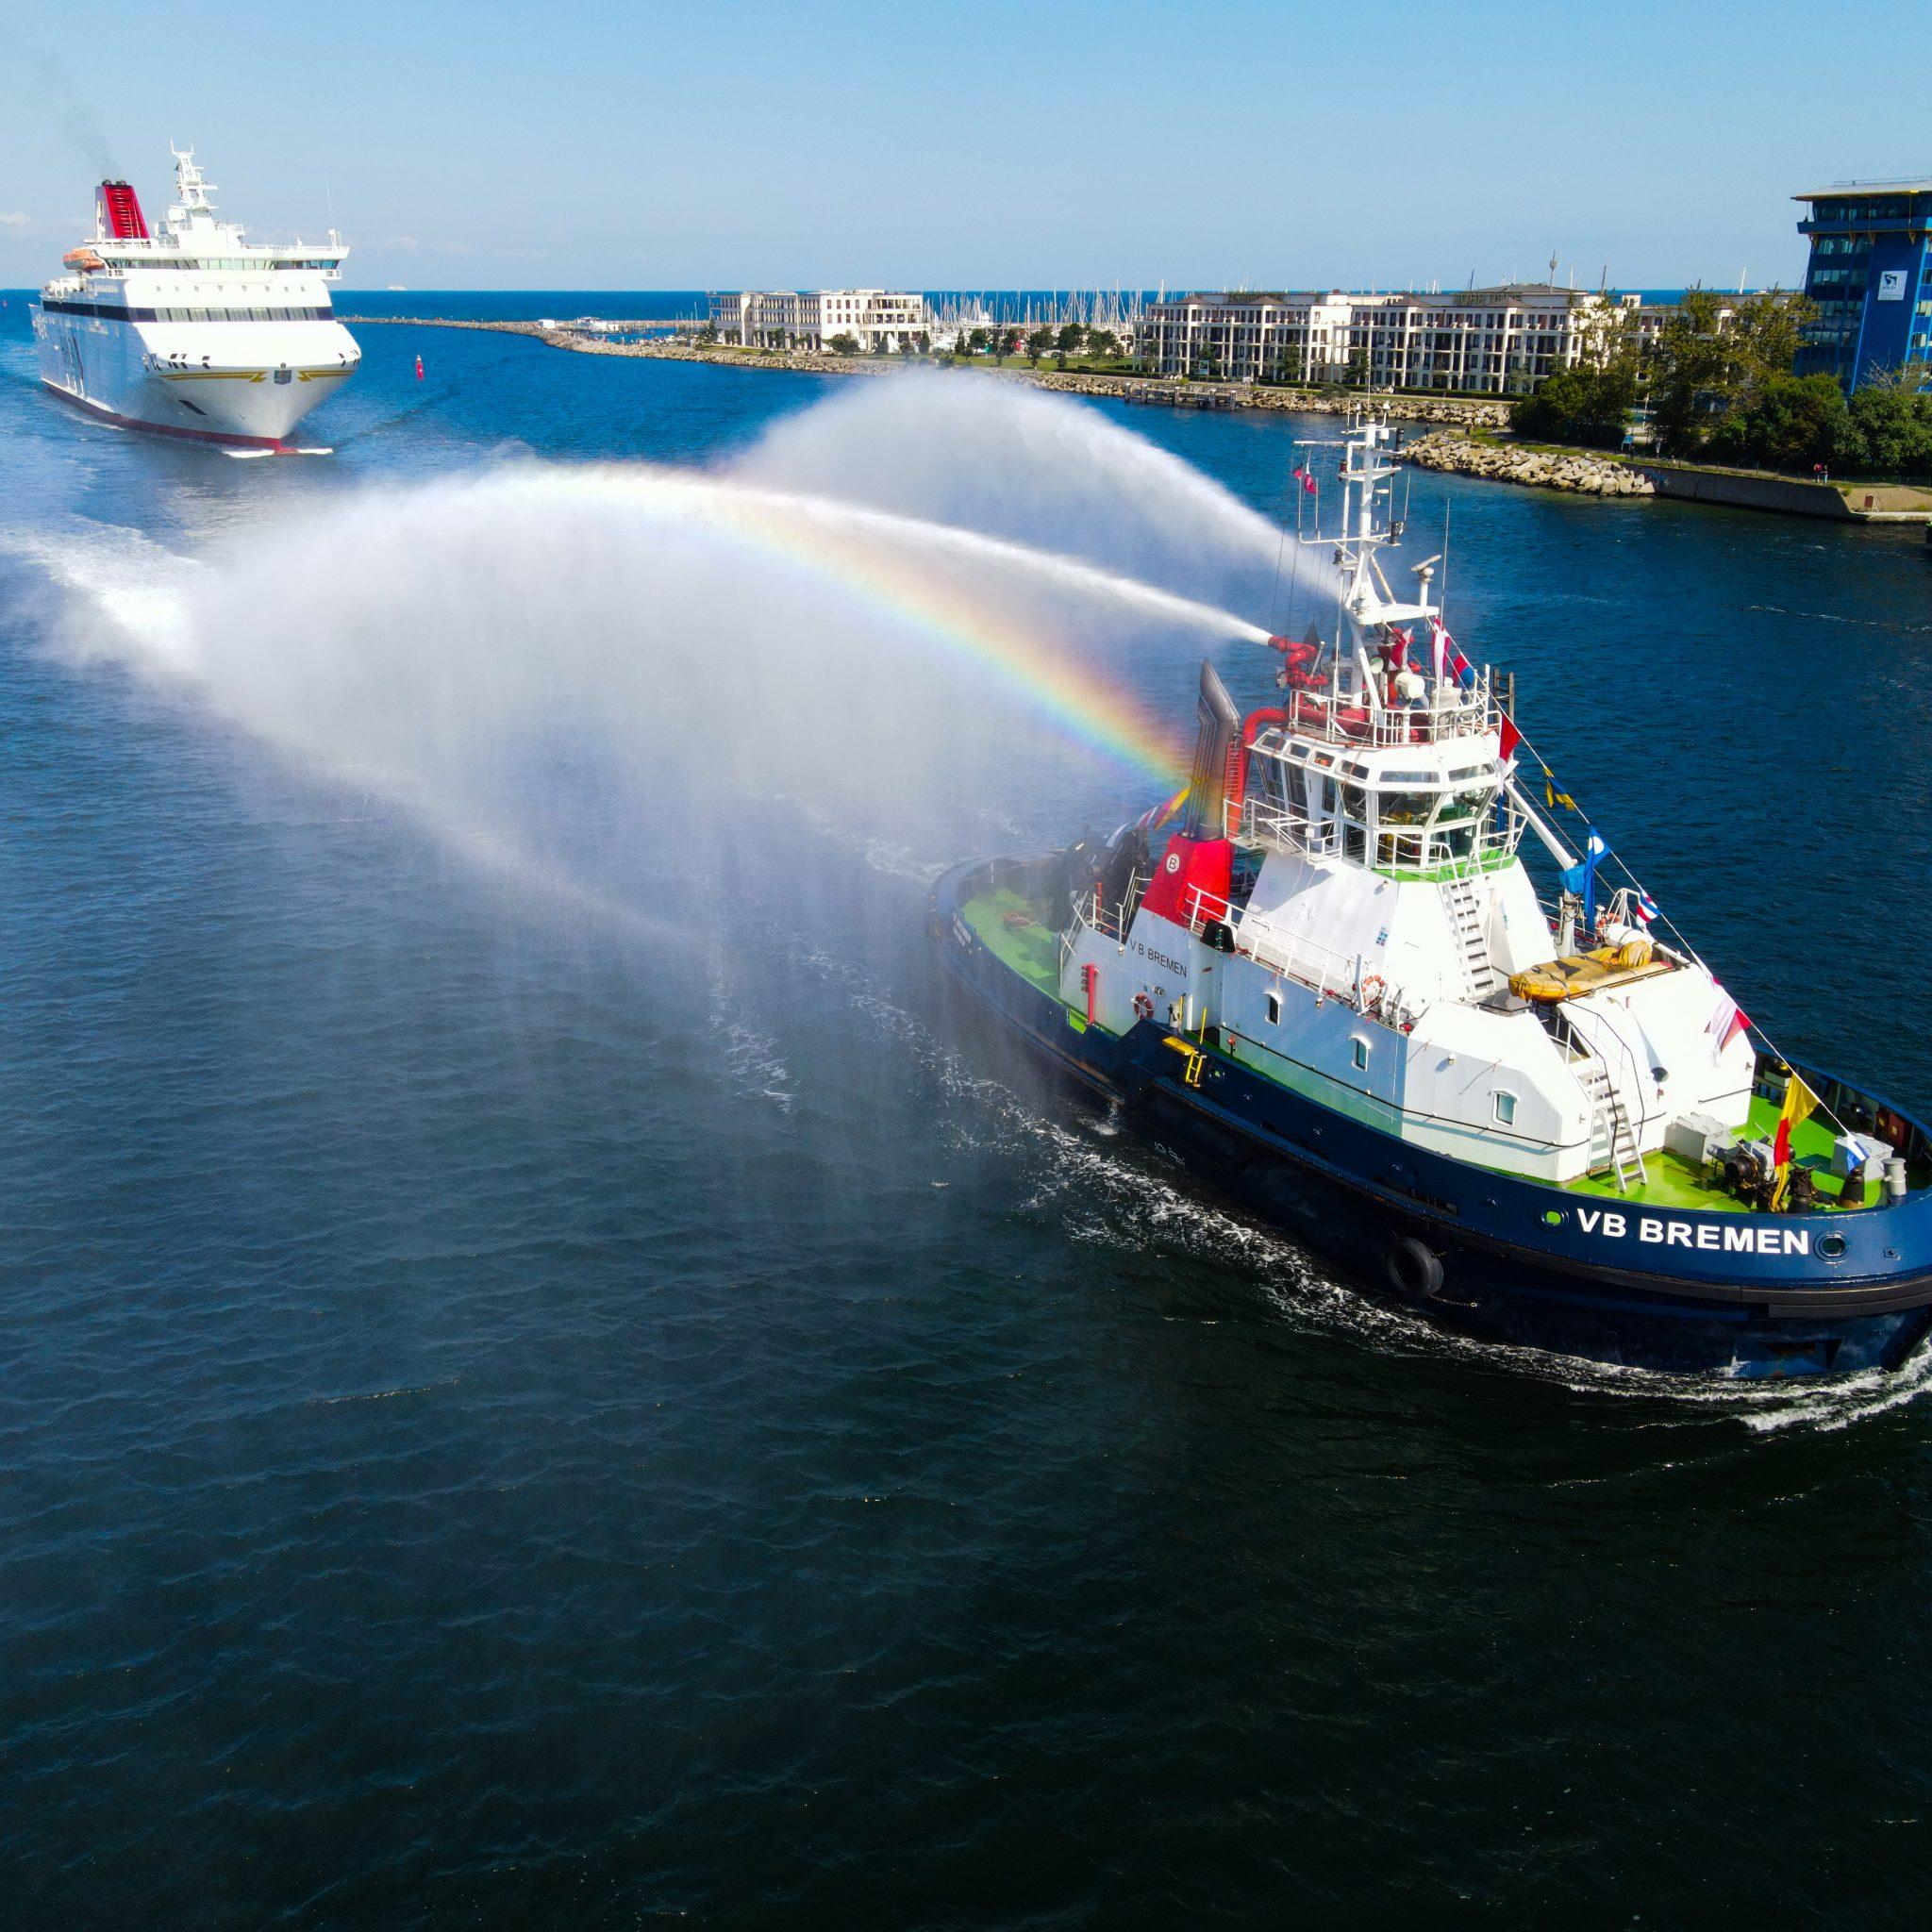 Sinds 1 september zit Boluda in Rostock, maar op 31 augustus werd het eerste schip al geholpen. (Foto Boluda Towage)